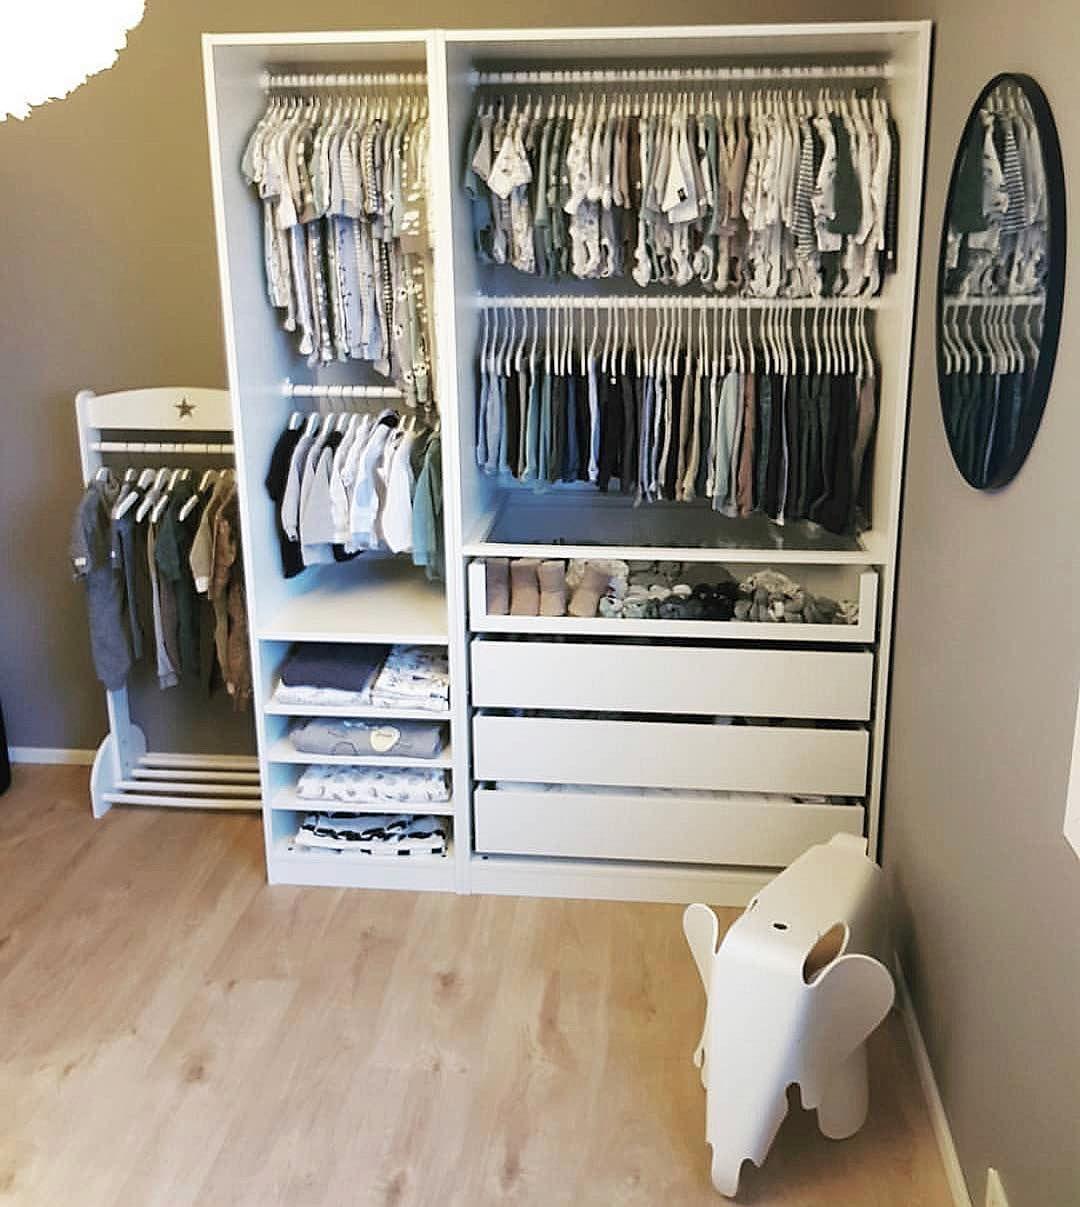 Kidsroom Interior Design Kids Decor Auf Instagram Boy Wardrobe Goals Dank In 2020 Kinder Zimmer Kinder Zimmer Deko Ikea Babyzimmer